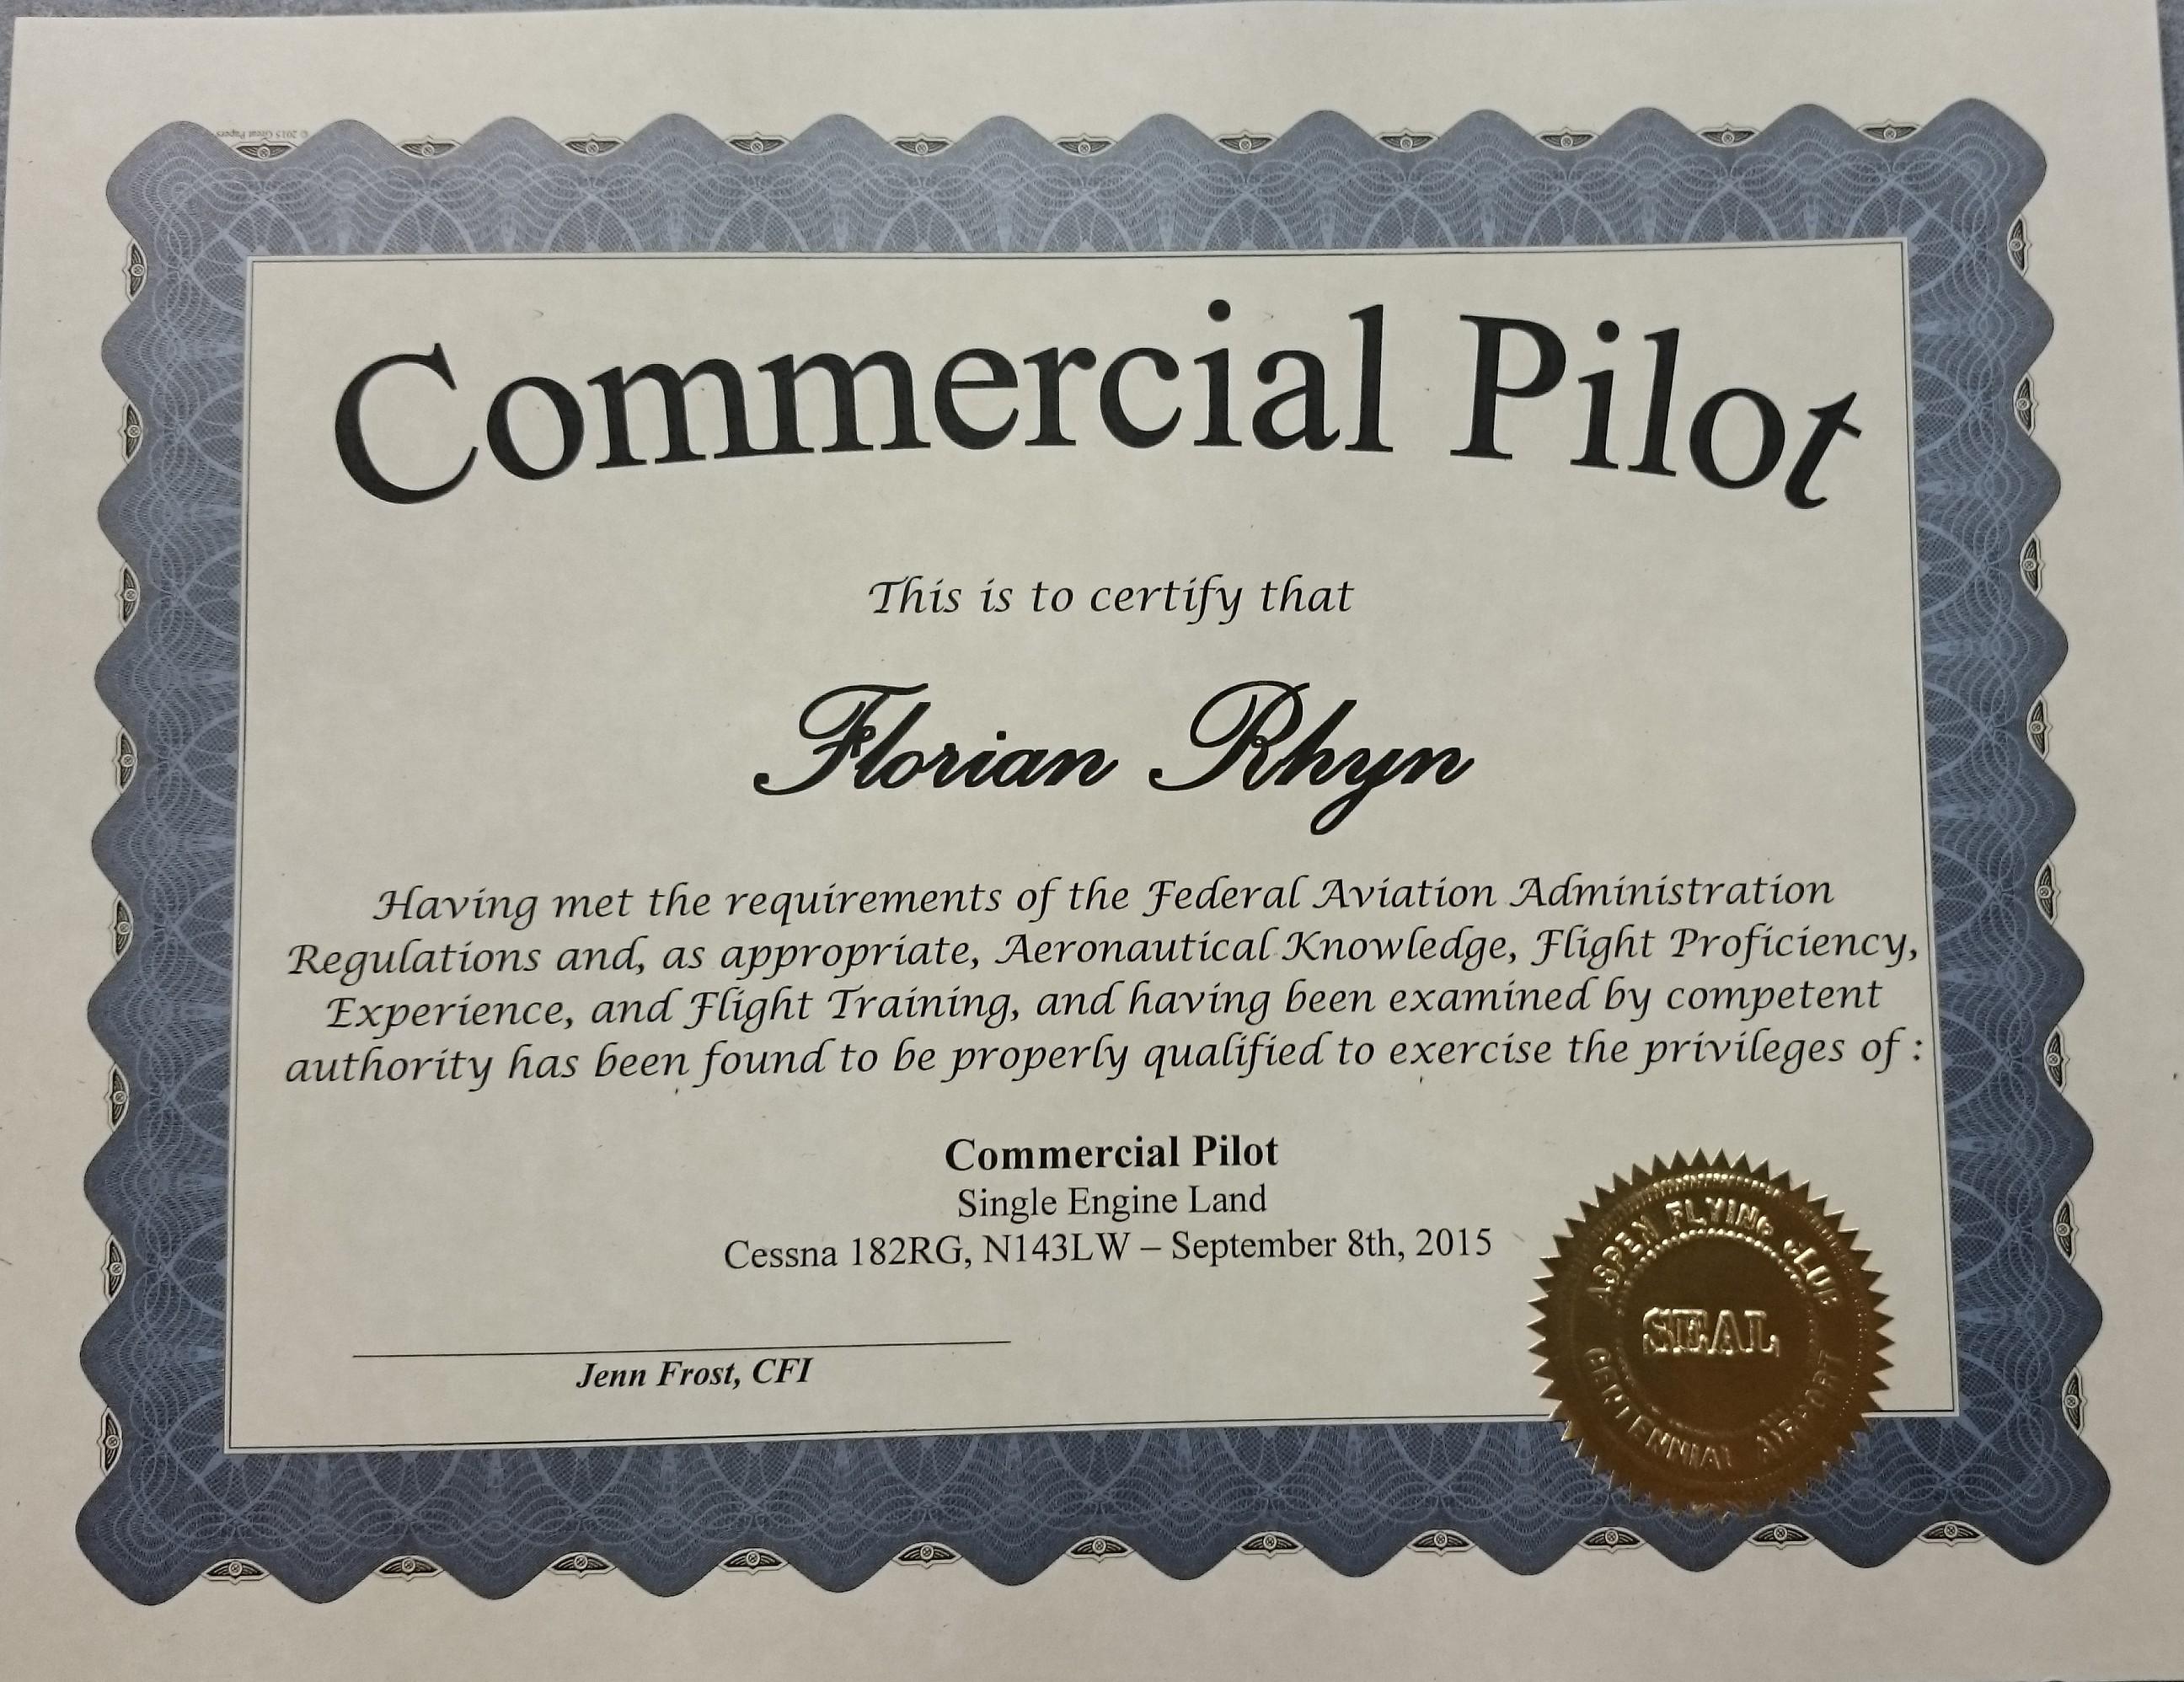 Commercial pilot certificate myclimbrate 2015 09 08 142132 xflitez Images